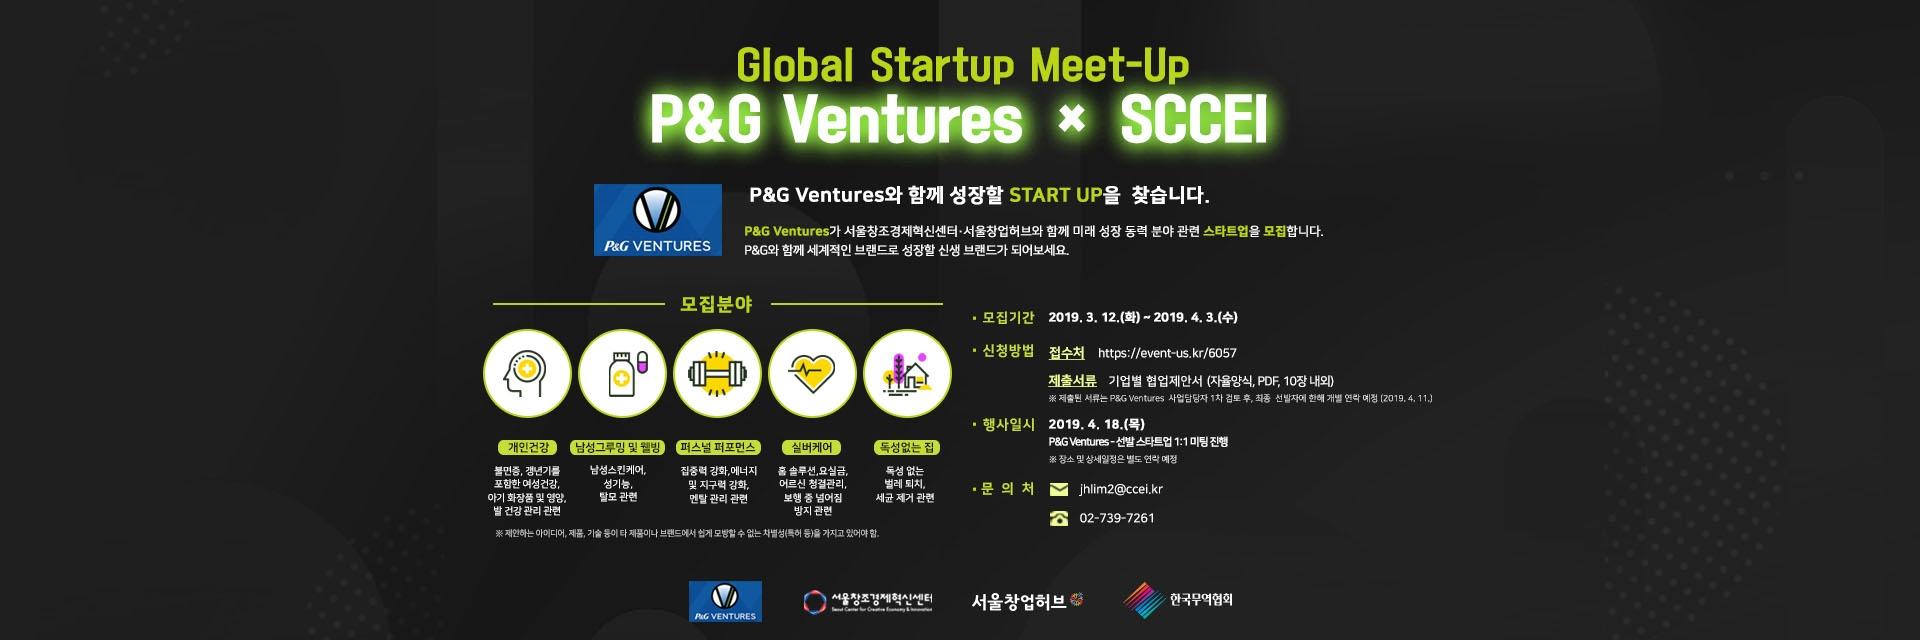 이벤터스_P&G벤처스 X 서울창조경제혁신센터 글로벌 스타트업 밋업